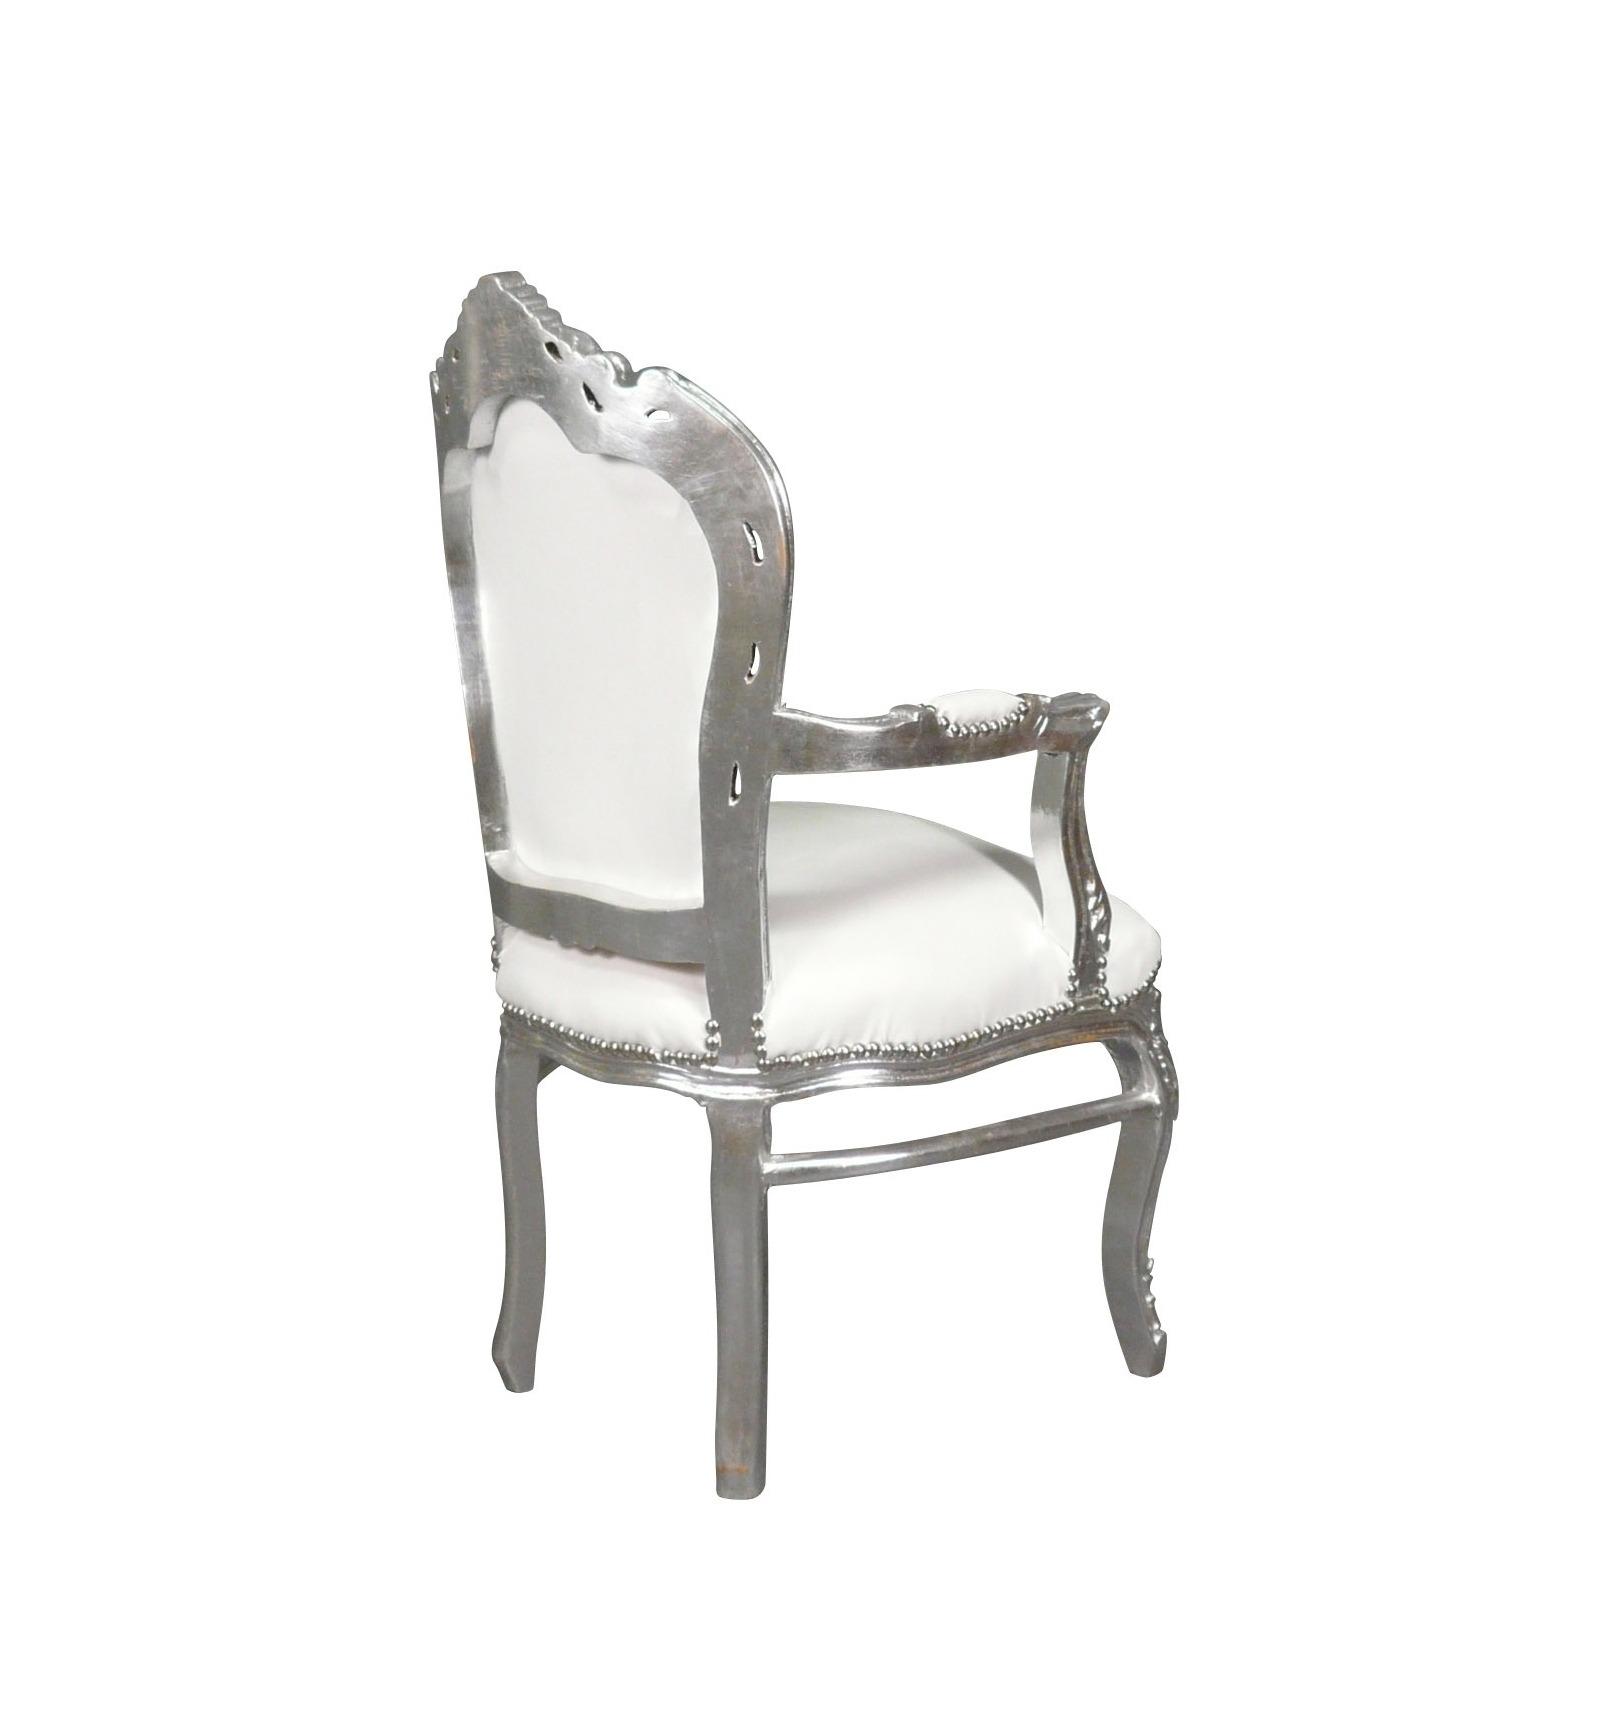 Fauteuil baroque blanc et argent chaise et poufs deco for Chaise first conforama